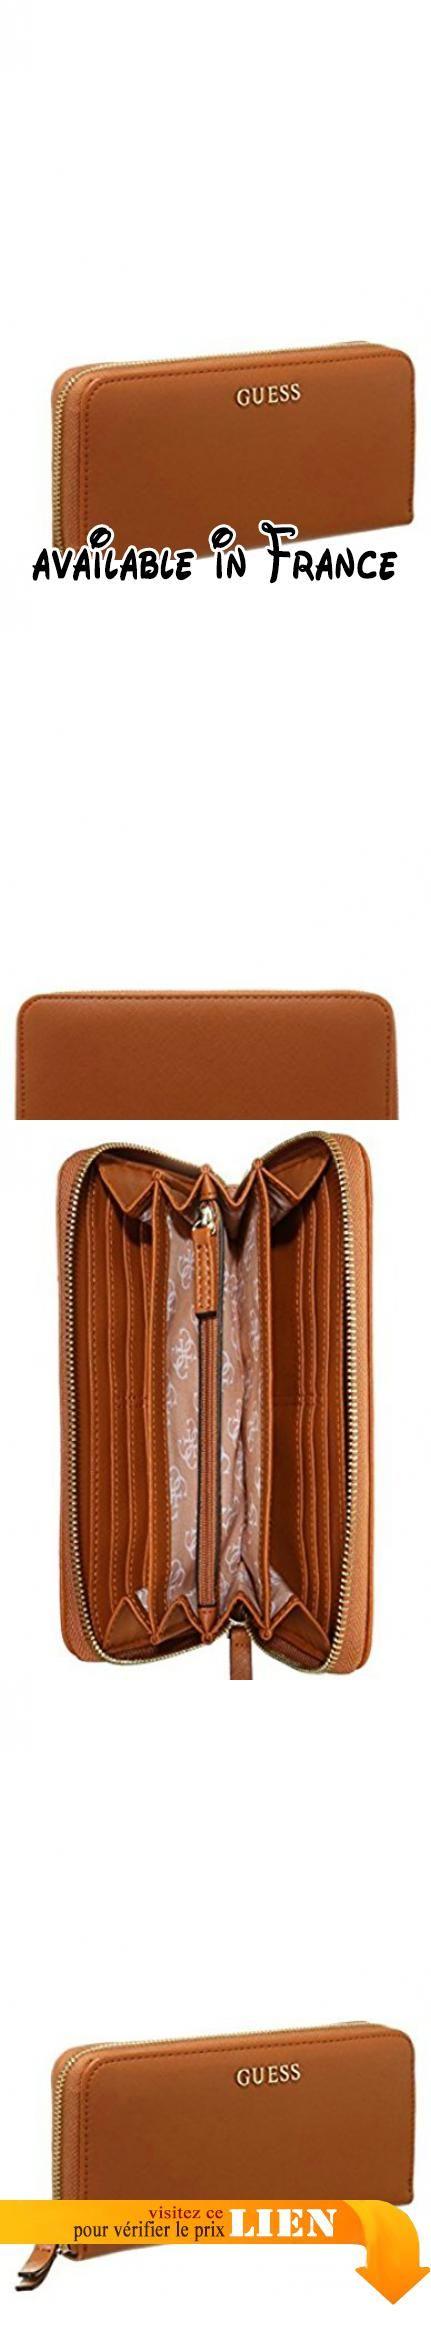 B017TYD3S0 : GUESS Sissi Large Zip Around Organizer Cognac. Marque: Guess. Série: Sissi. Dimensions exterieures (Lxlxh): 20cm x 10cm x 3cm. Type de portefeuille: Portemonnaie Femme. Format: horizontal